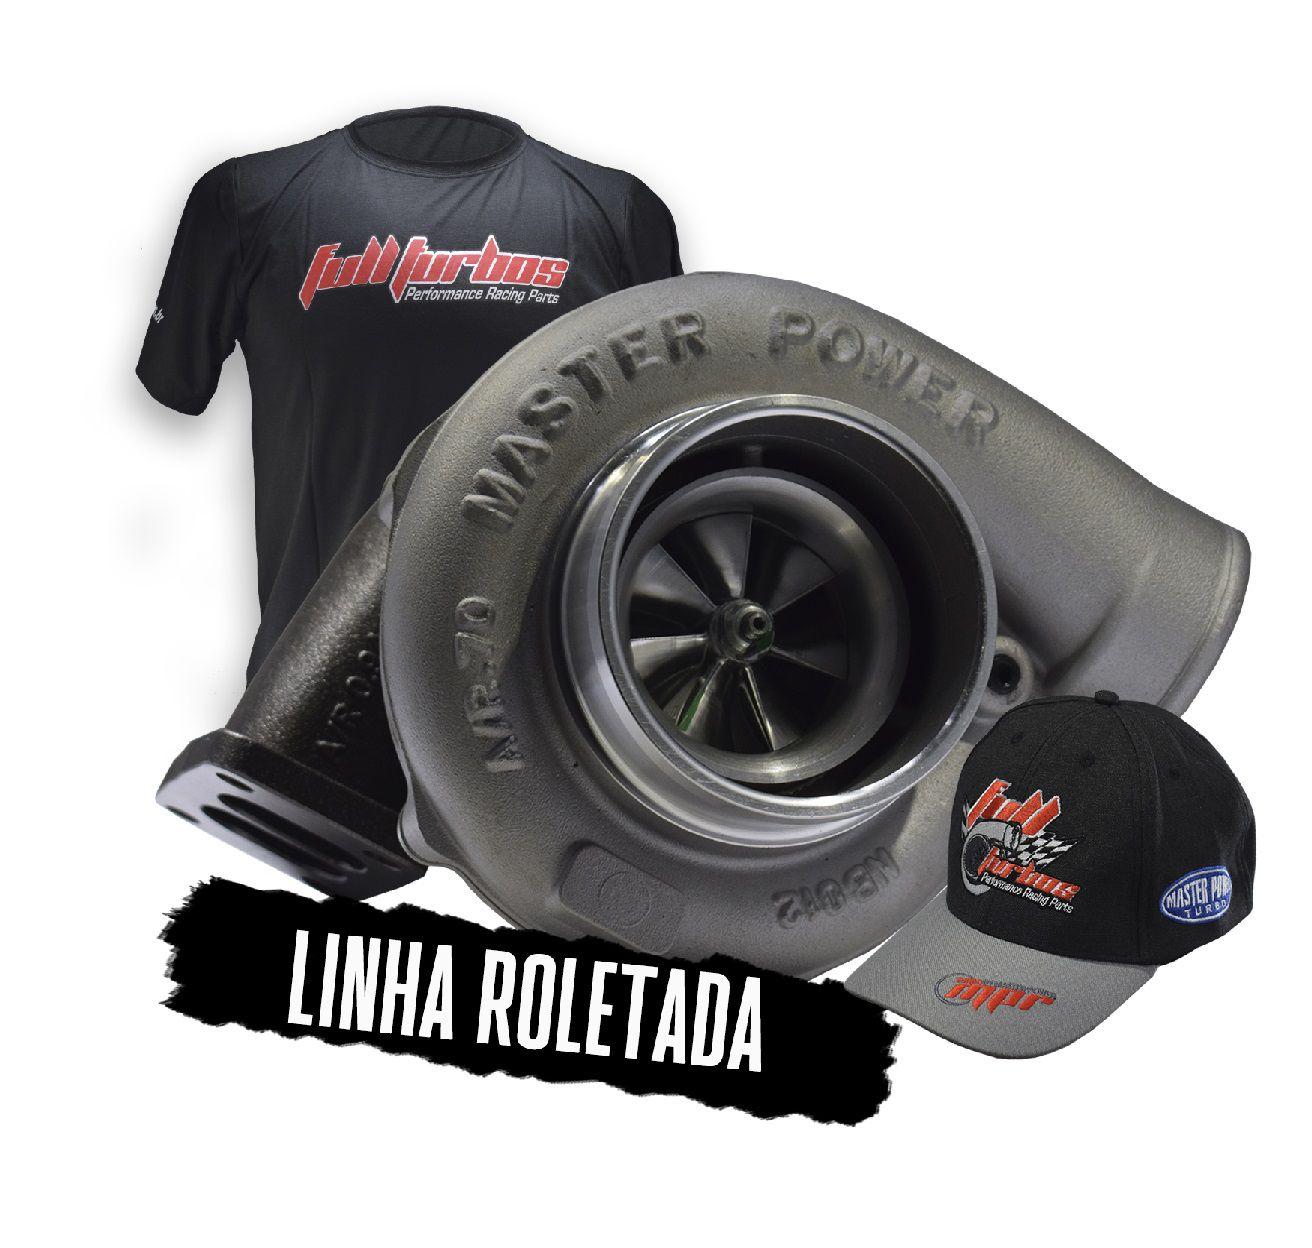 Turbina Roletada /bearing Rb 6003 .94 Mono Master Power